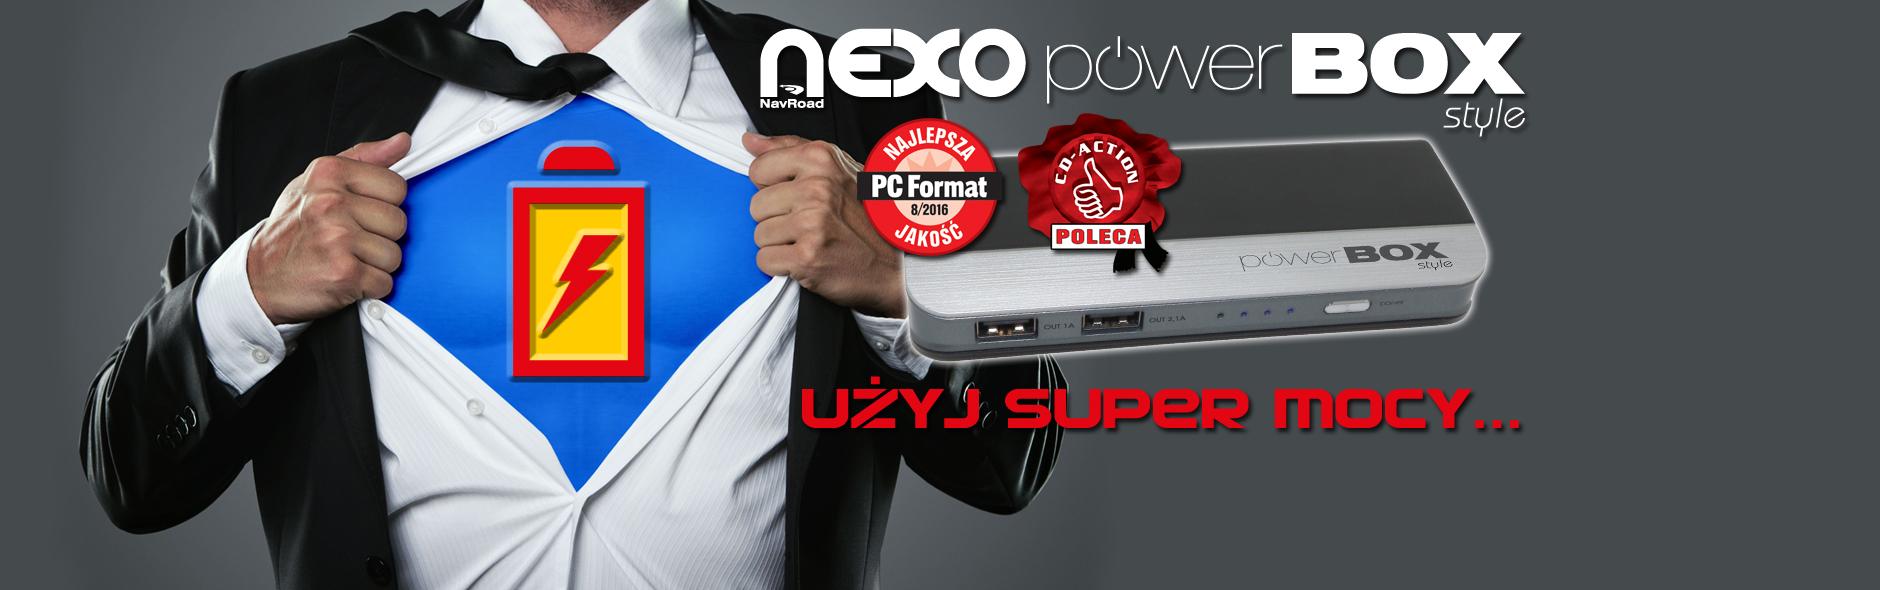 powerbox-style_banner_nagroda-pcf-cda